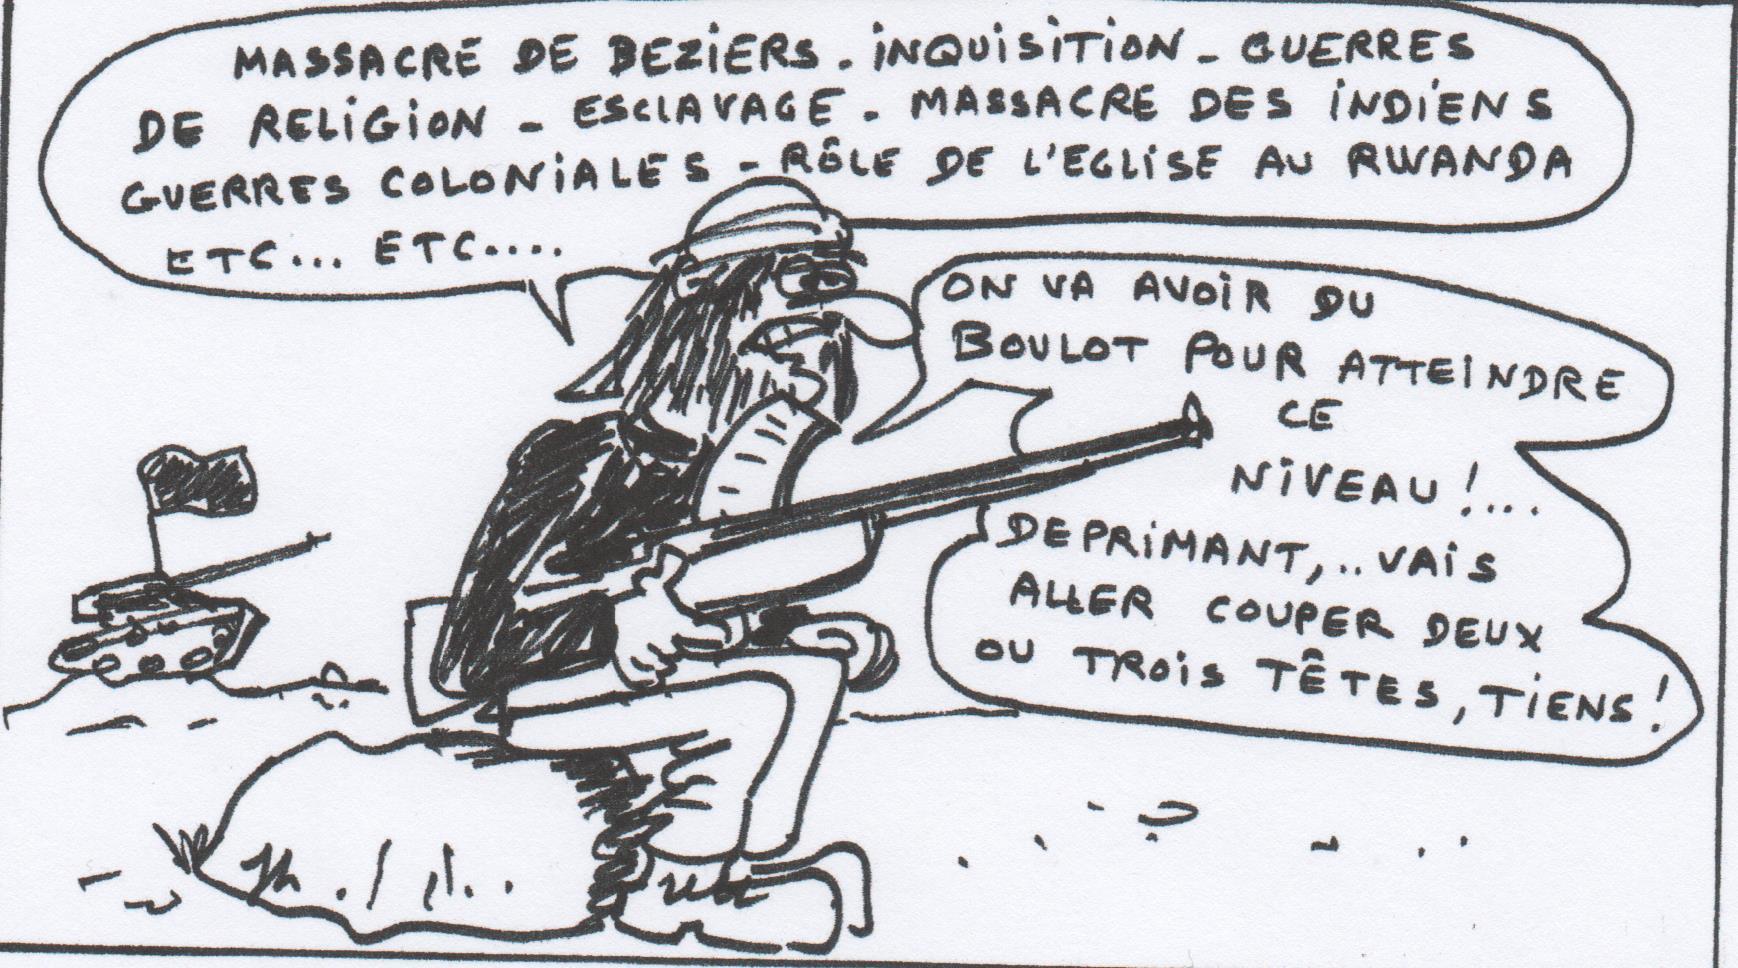 """Arnaud Amaury, legat dau Papa davant Besiers en 1214 : """"tuatz lei totei, Dieu chausirà lei sieus"""" JLR DR"""